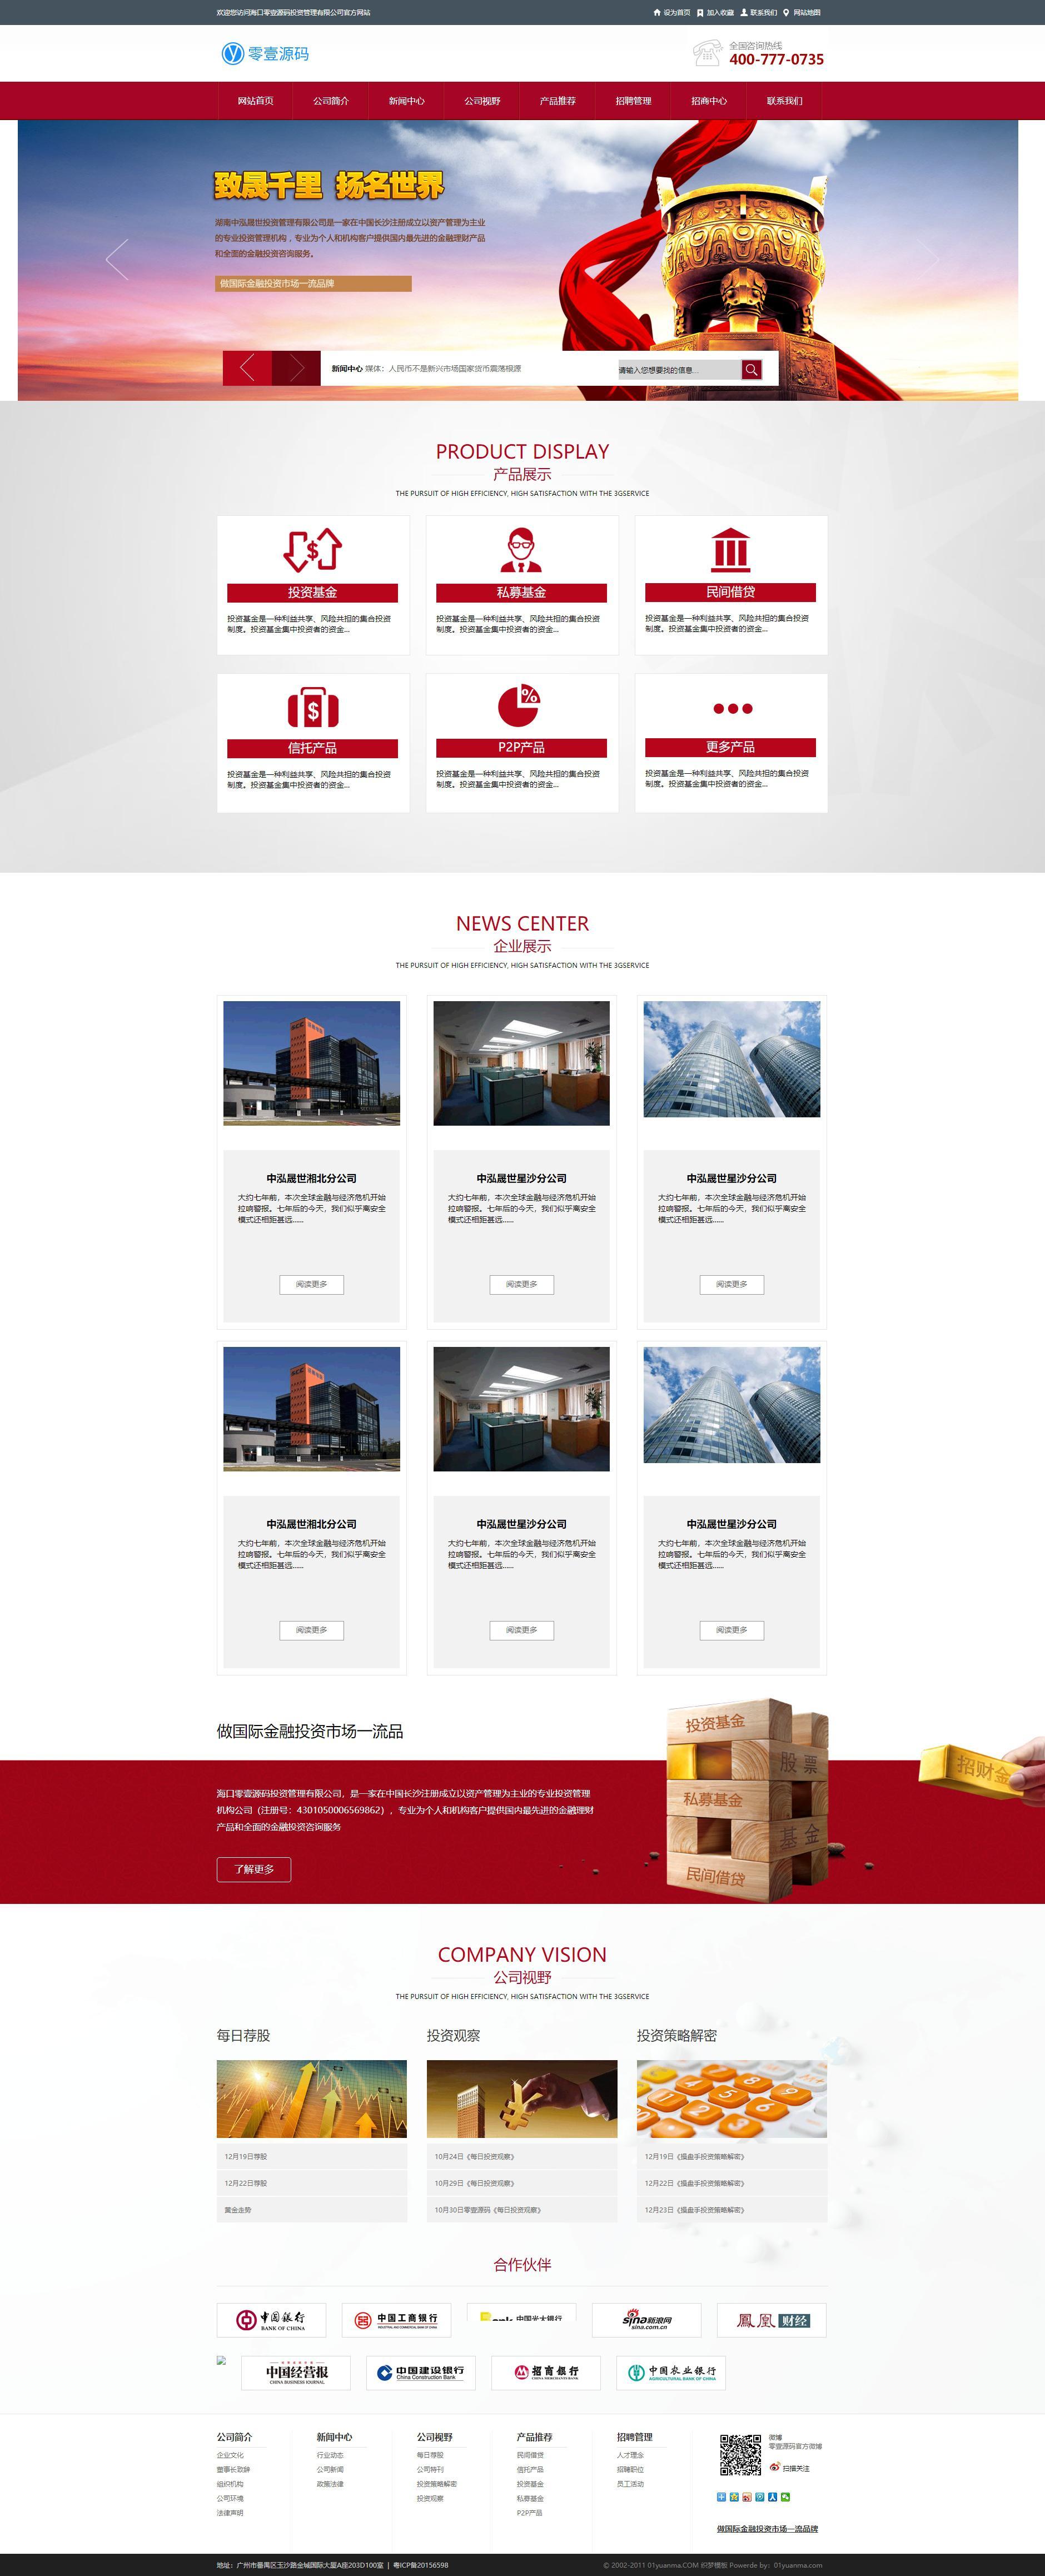 金融投资理财类企业公司网站织梦dedecms模板